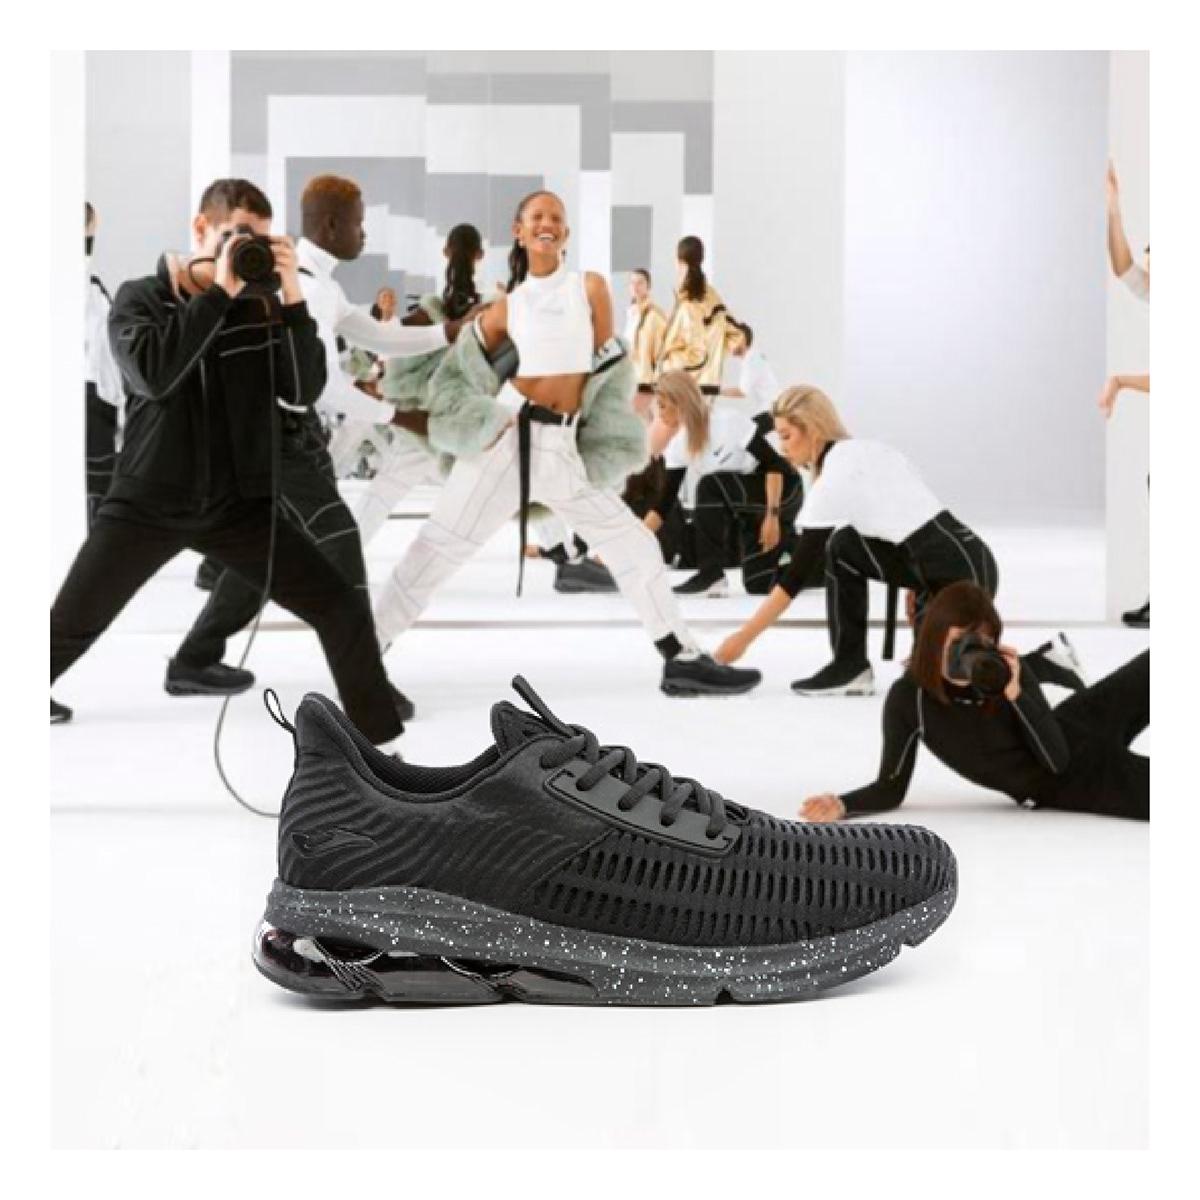 footwear indoor sneakers footwear designer sneakers designer trekking street wear fashion design